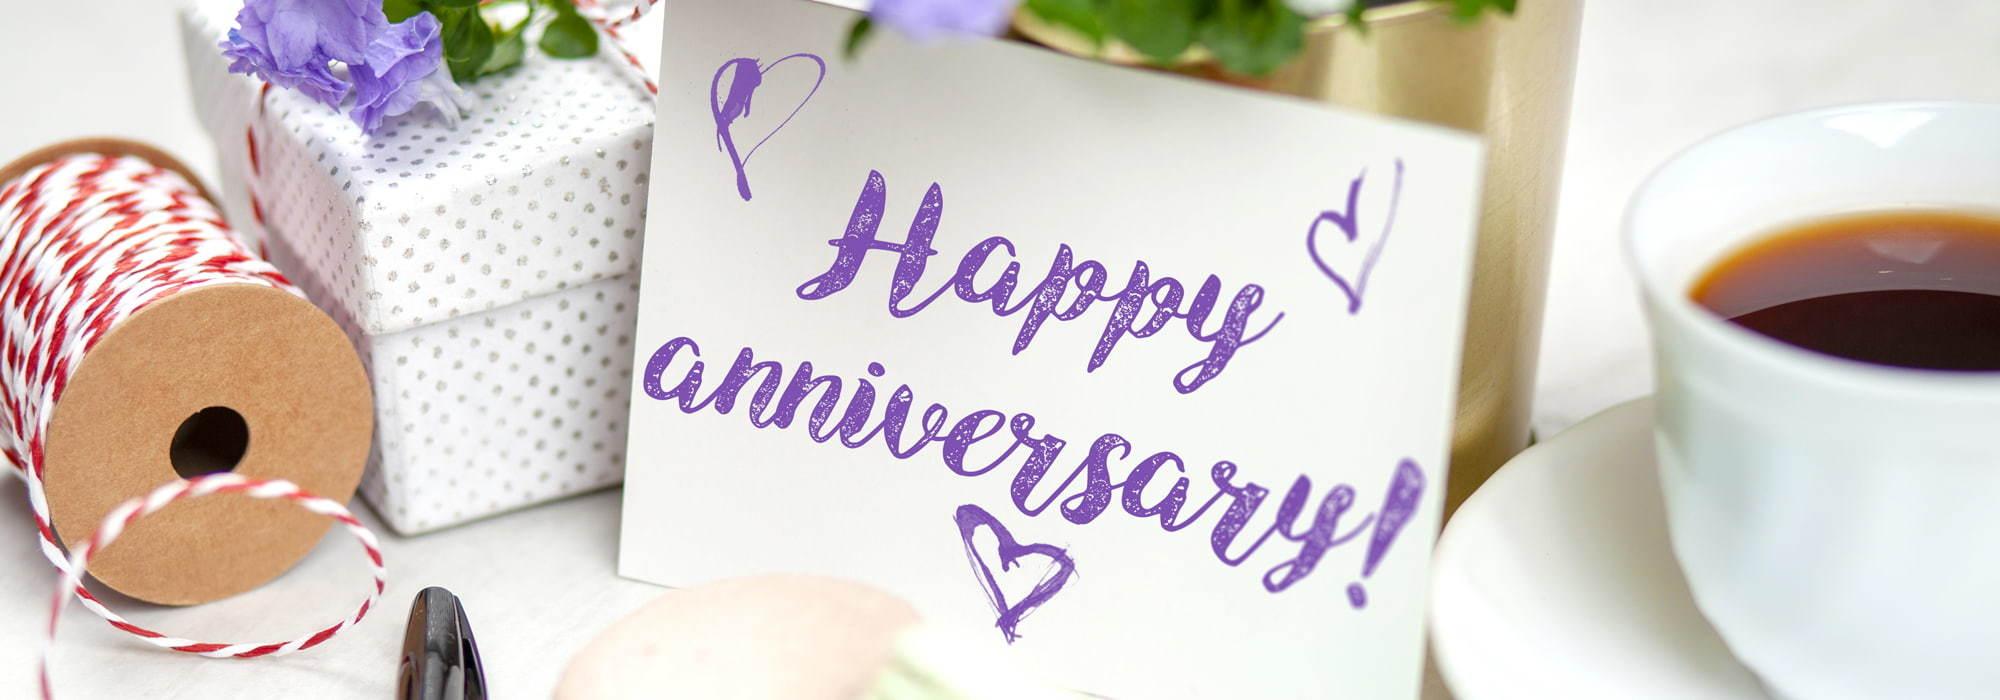 【人夫必讀】5個慶祝結婚紀念日嘅方法|Kama Delivery外賣到會預訂